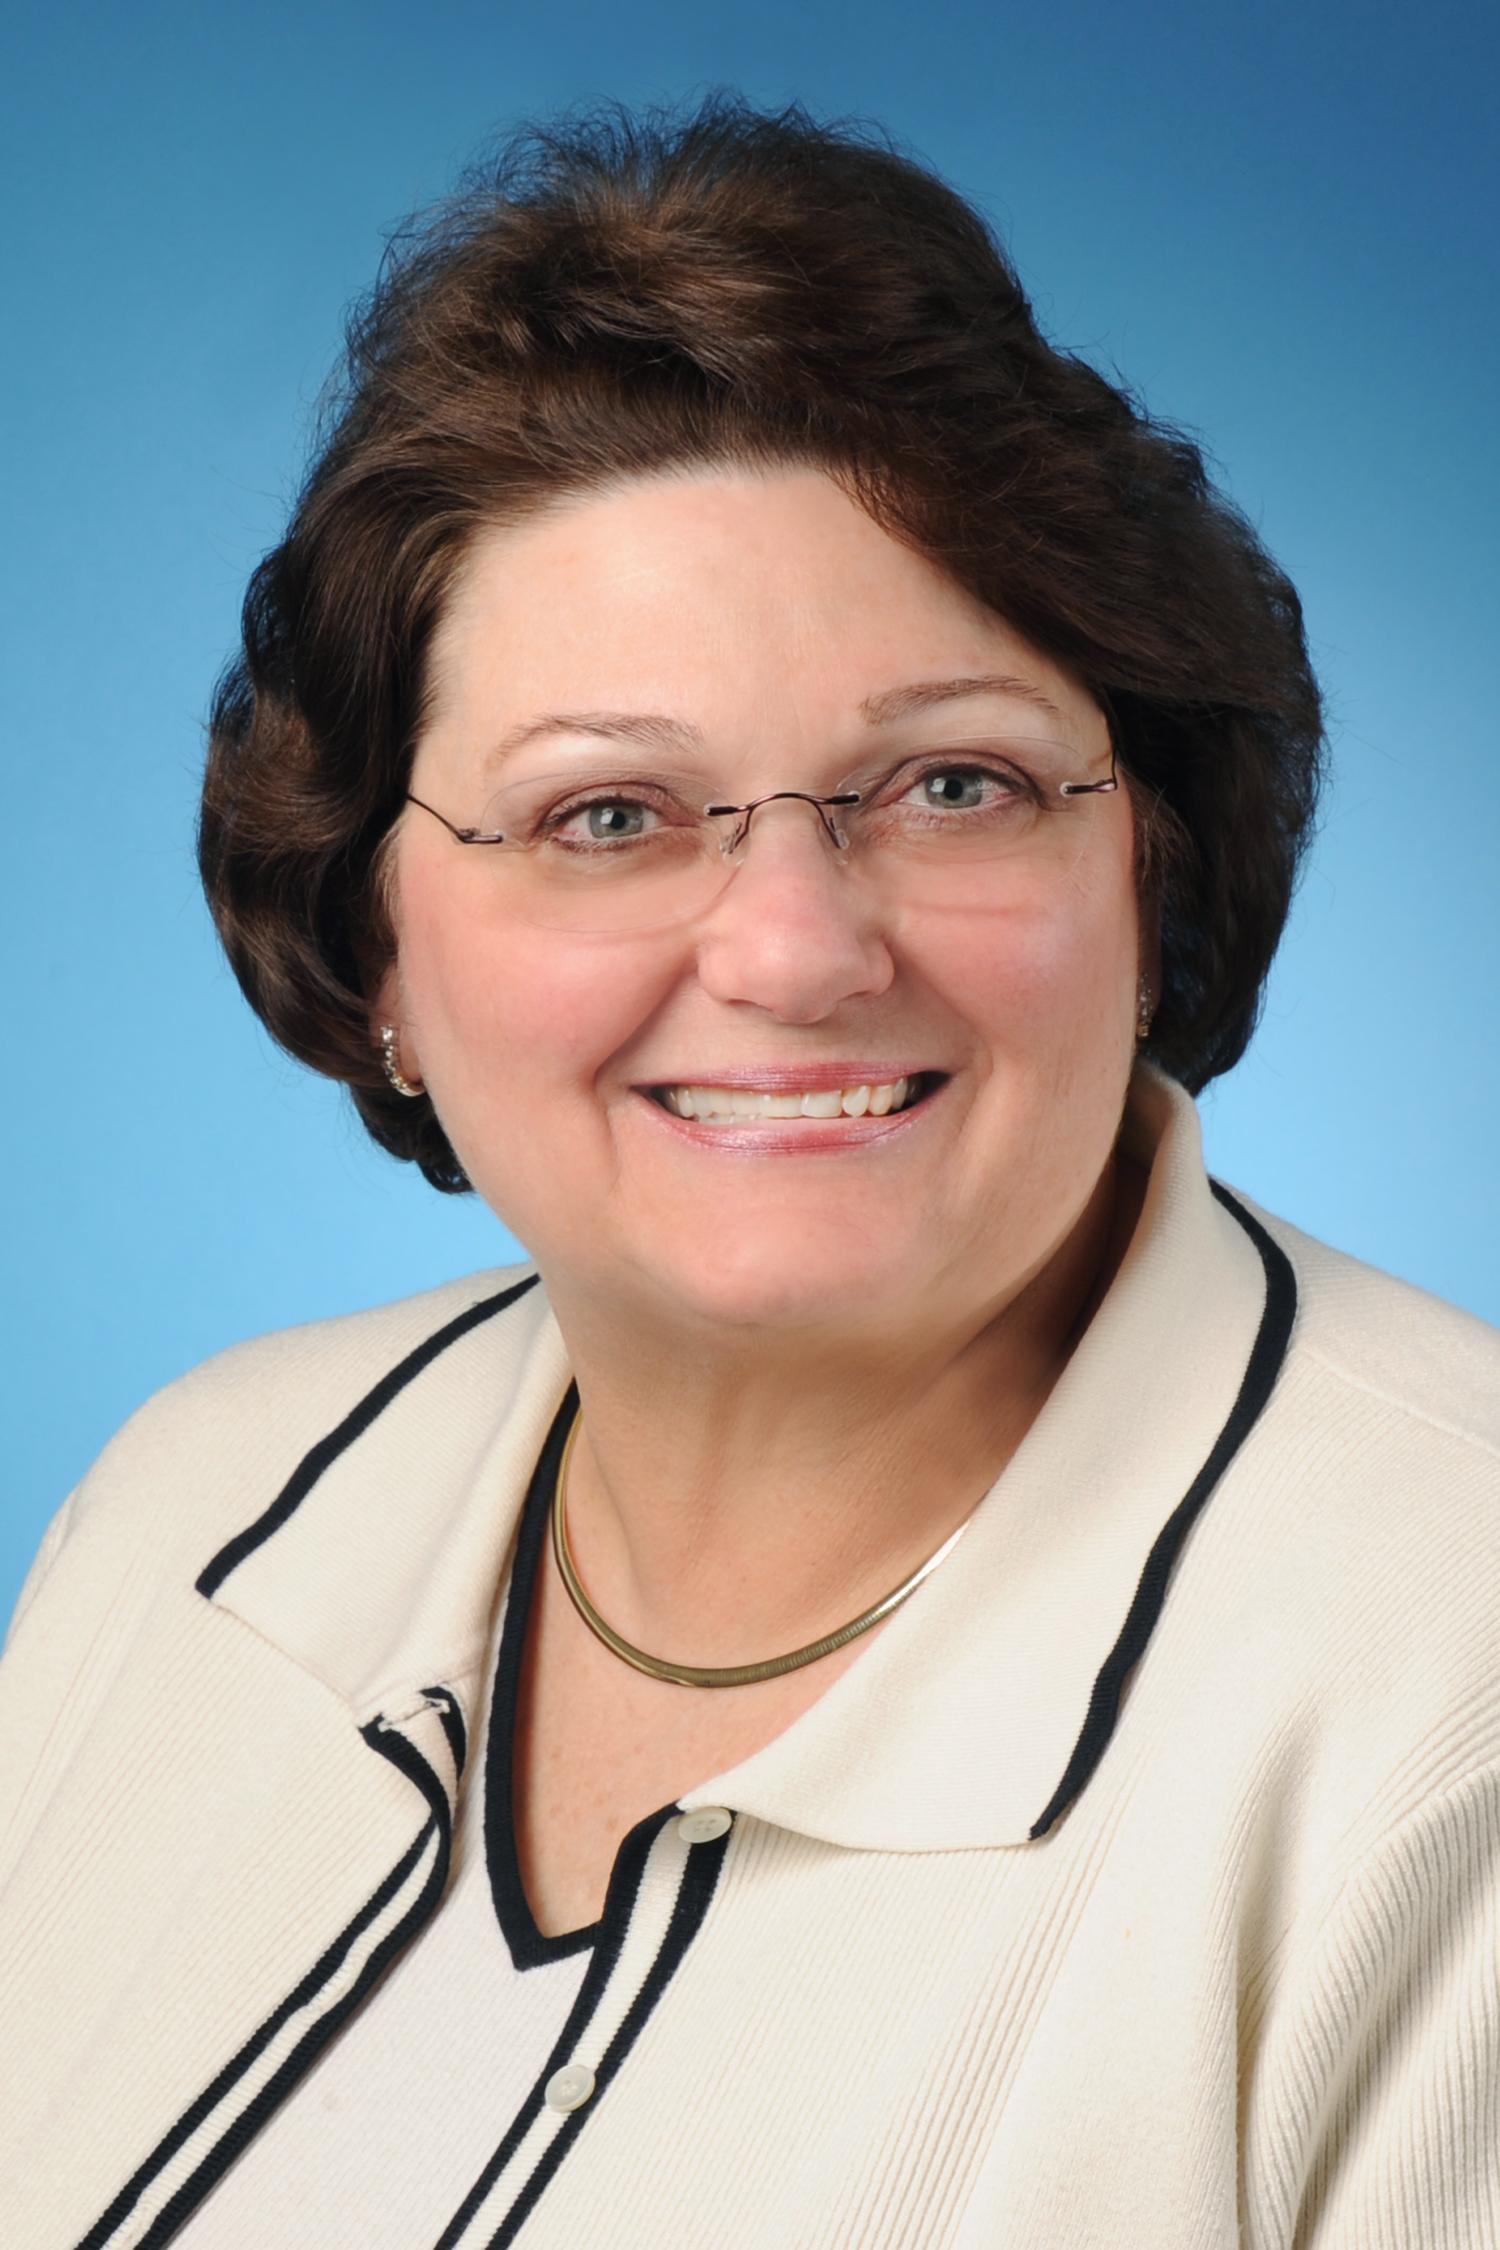 Linda Rosatelli